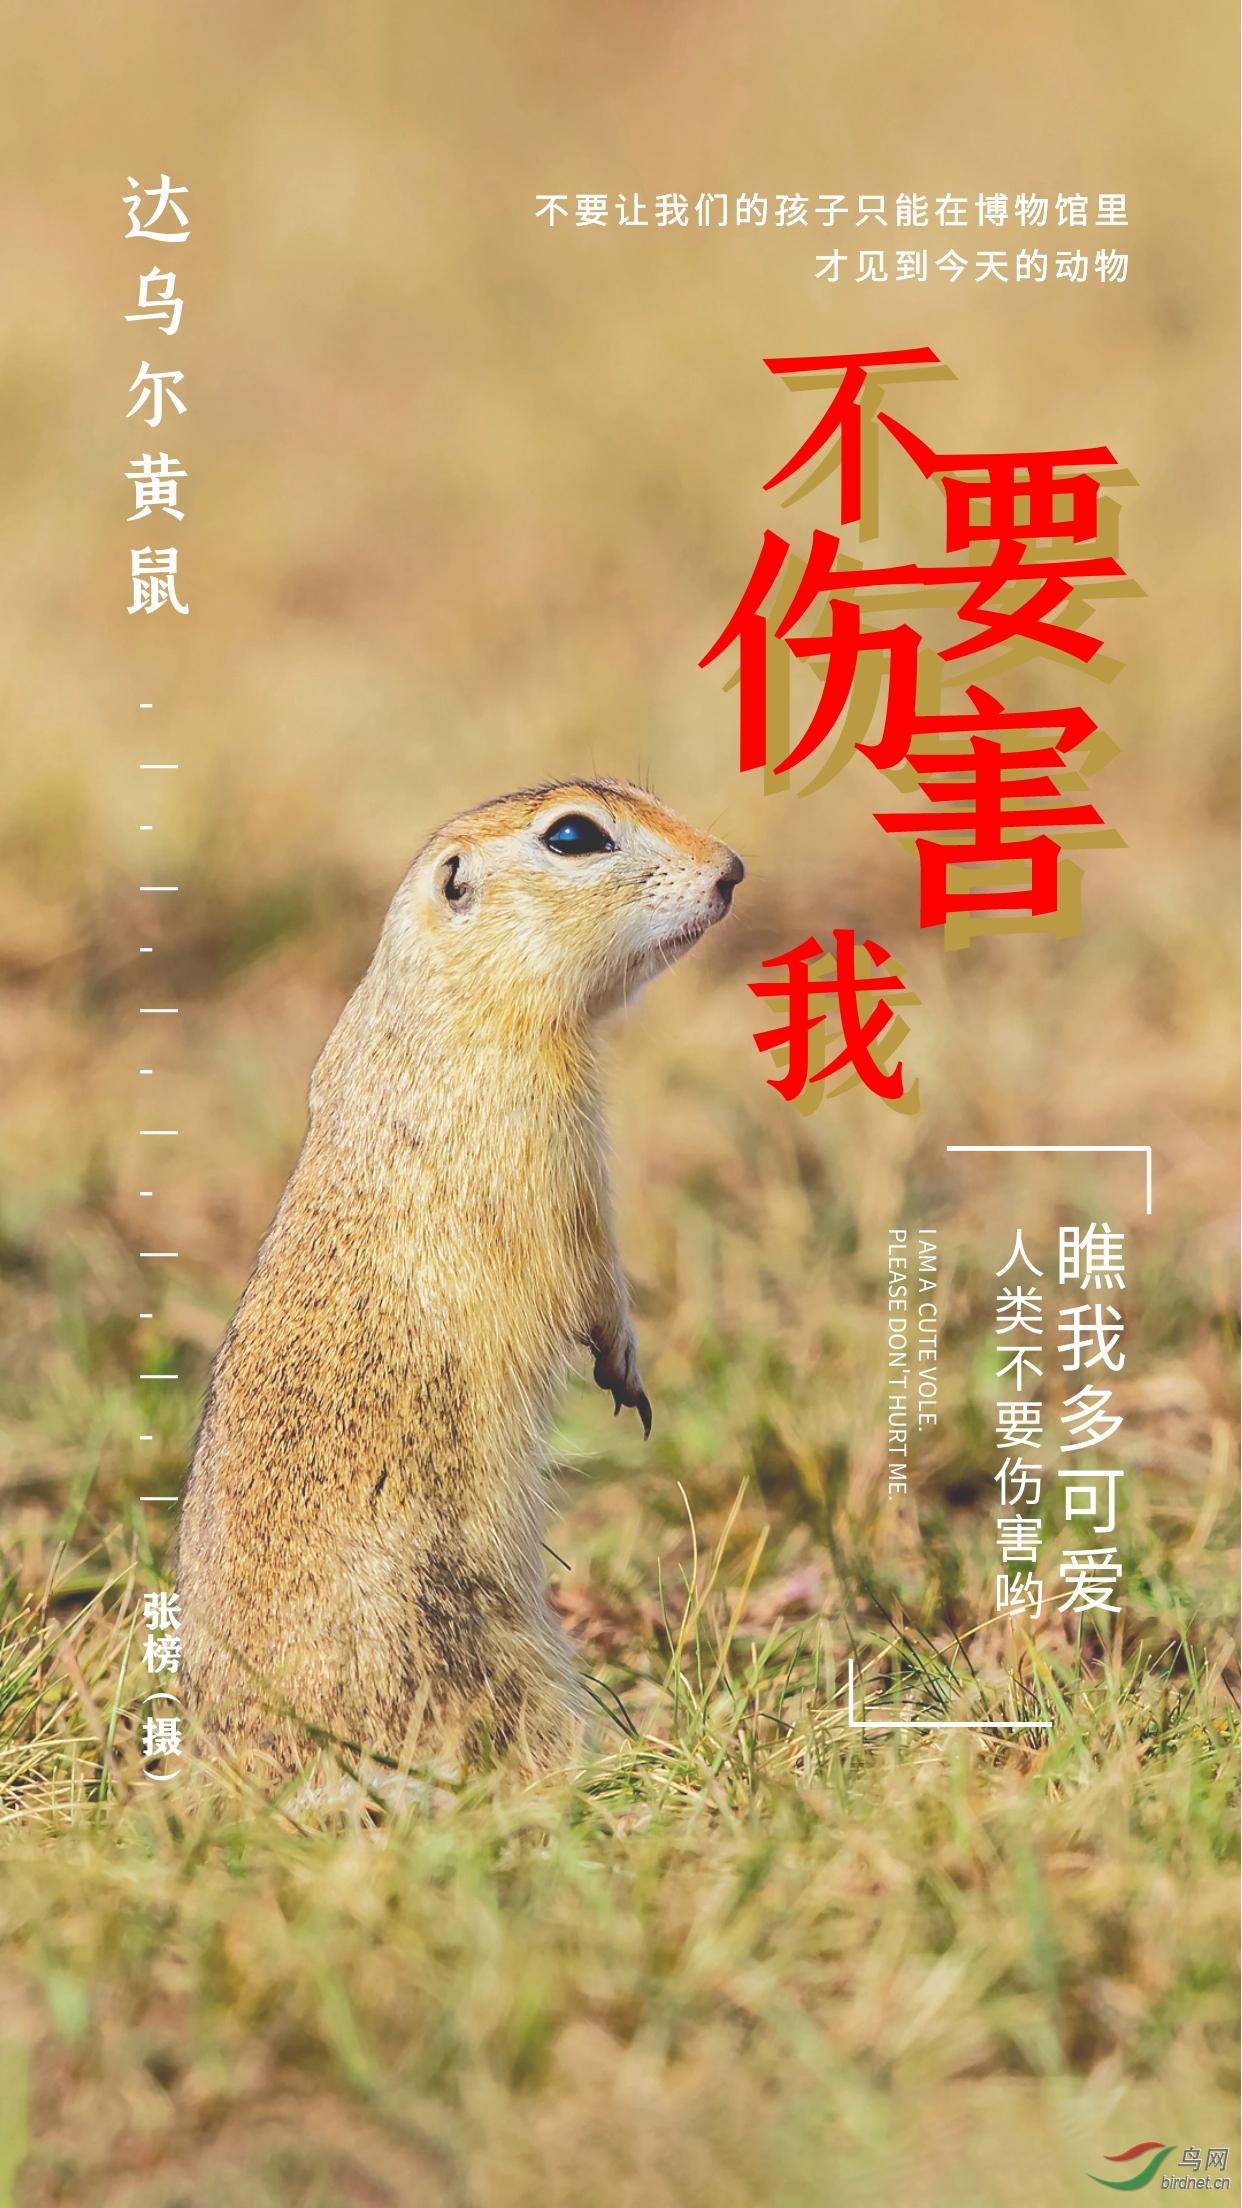 张榜-达乌尔黄鼠.jpg